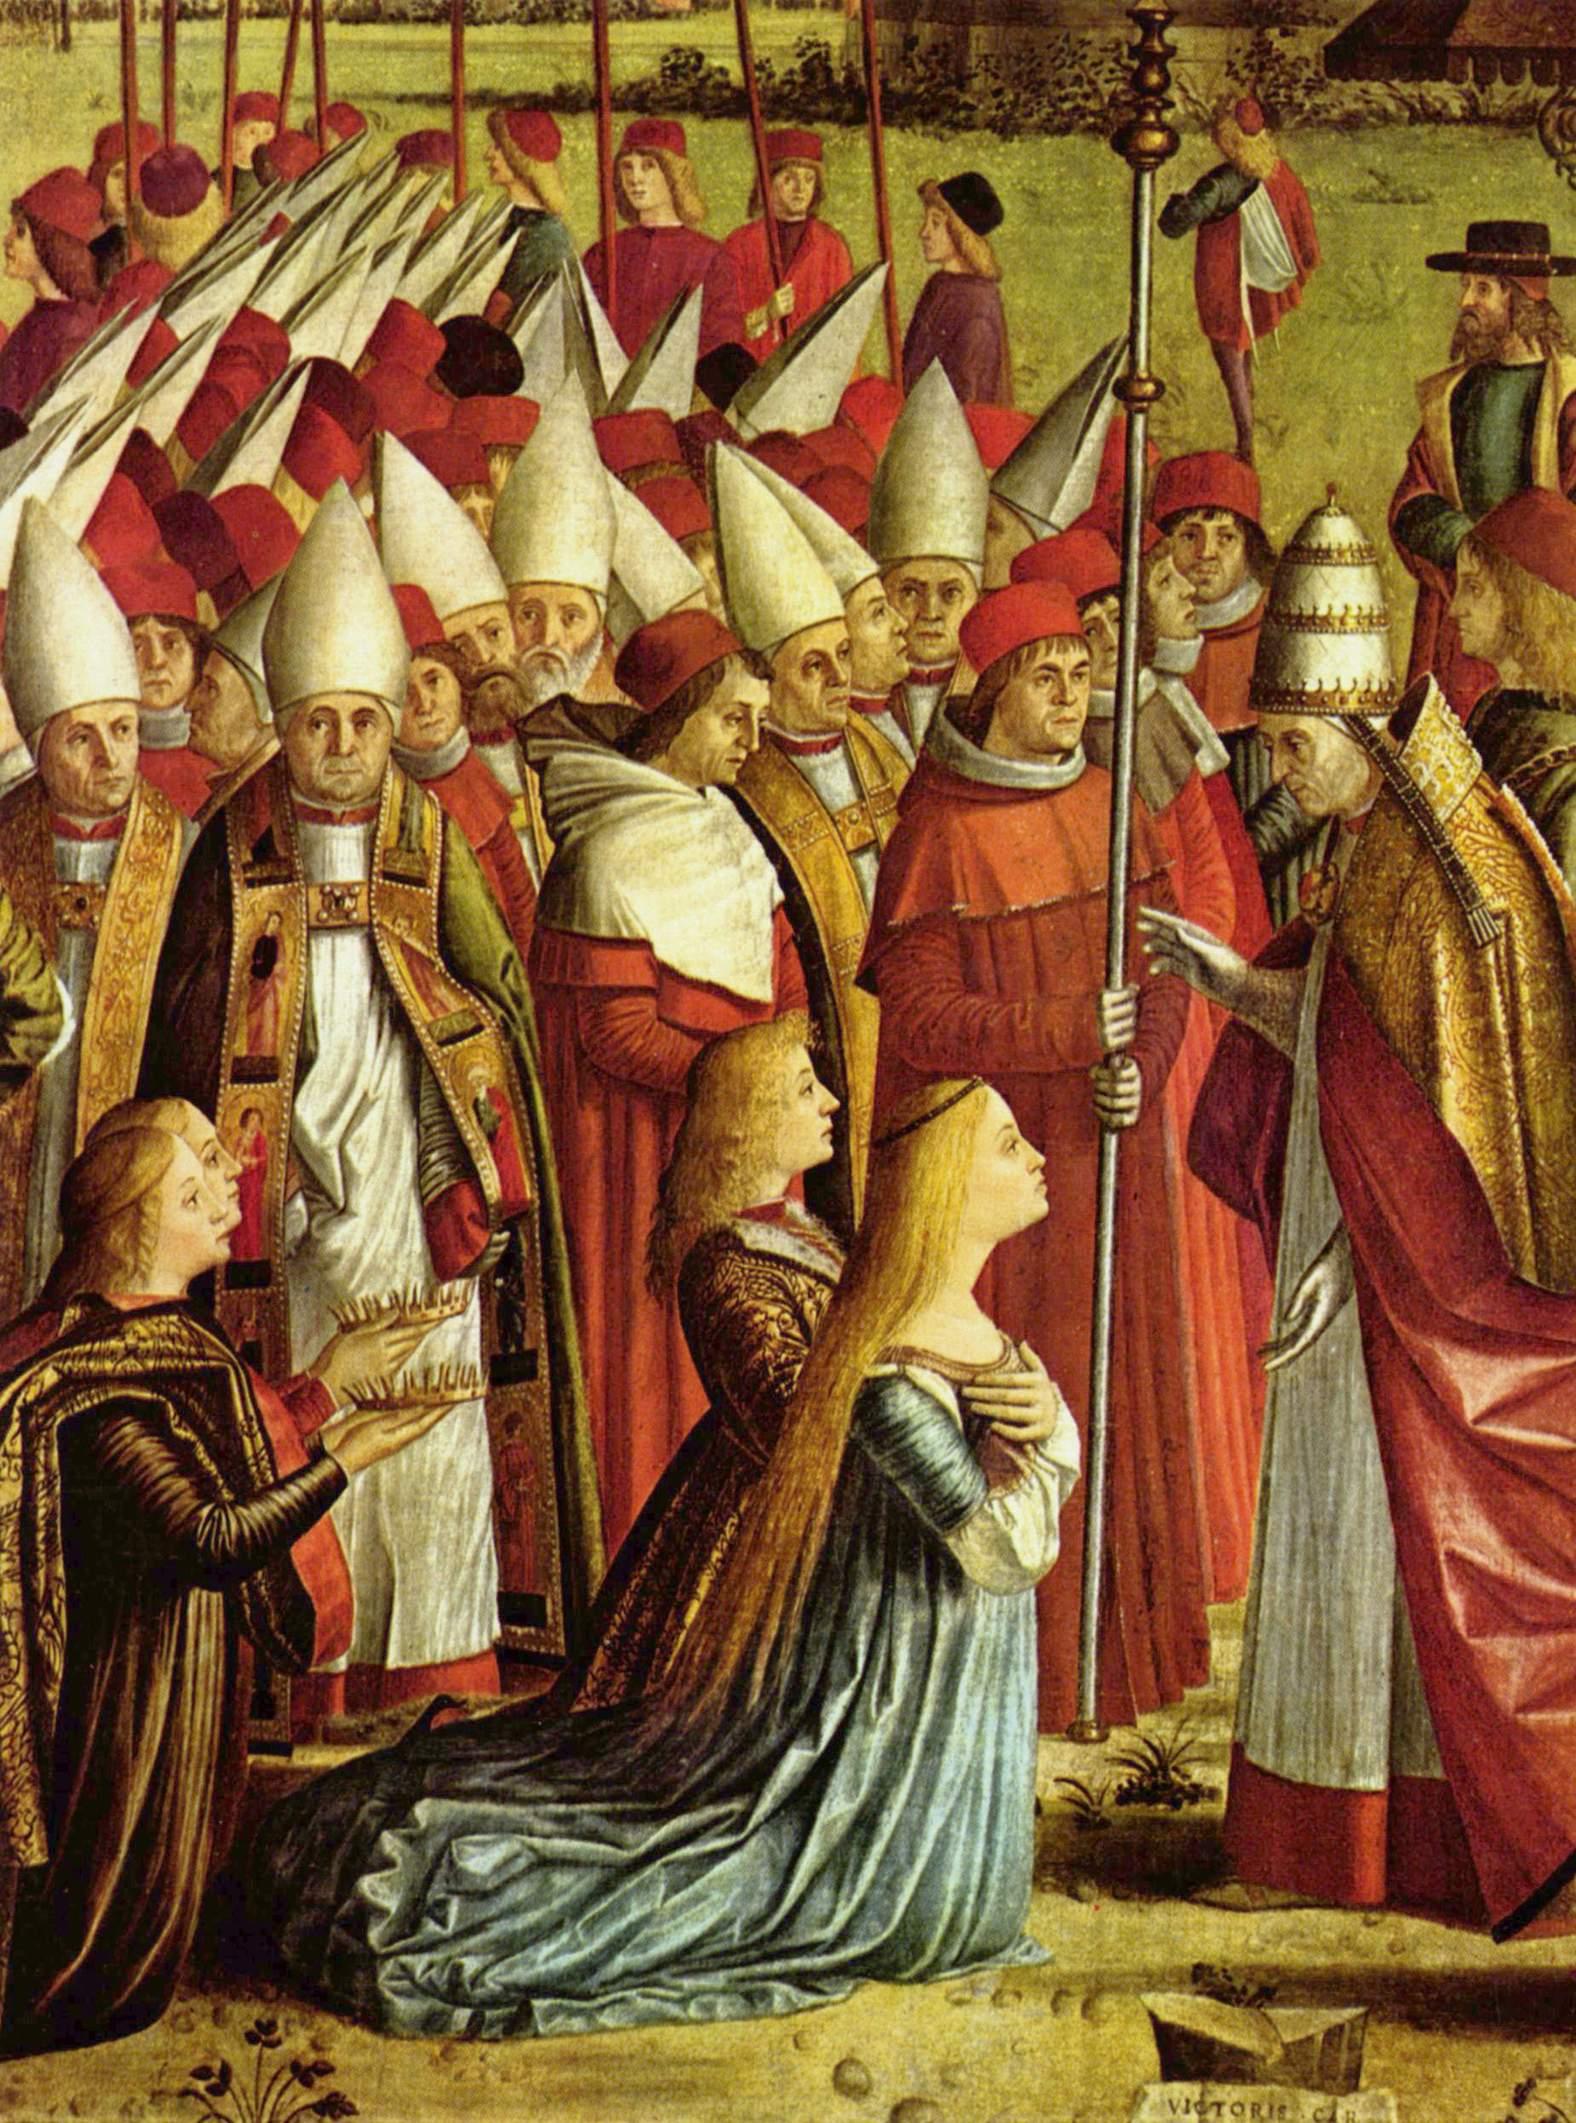 Цикл картин к житию св. Урсулы, встреча паломников с Папой. Деталь, Витторе Карпаччо